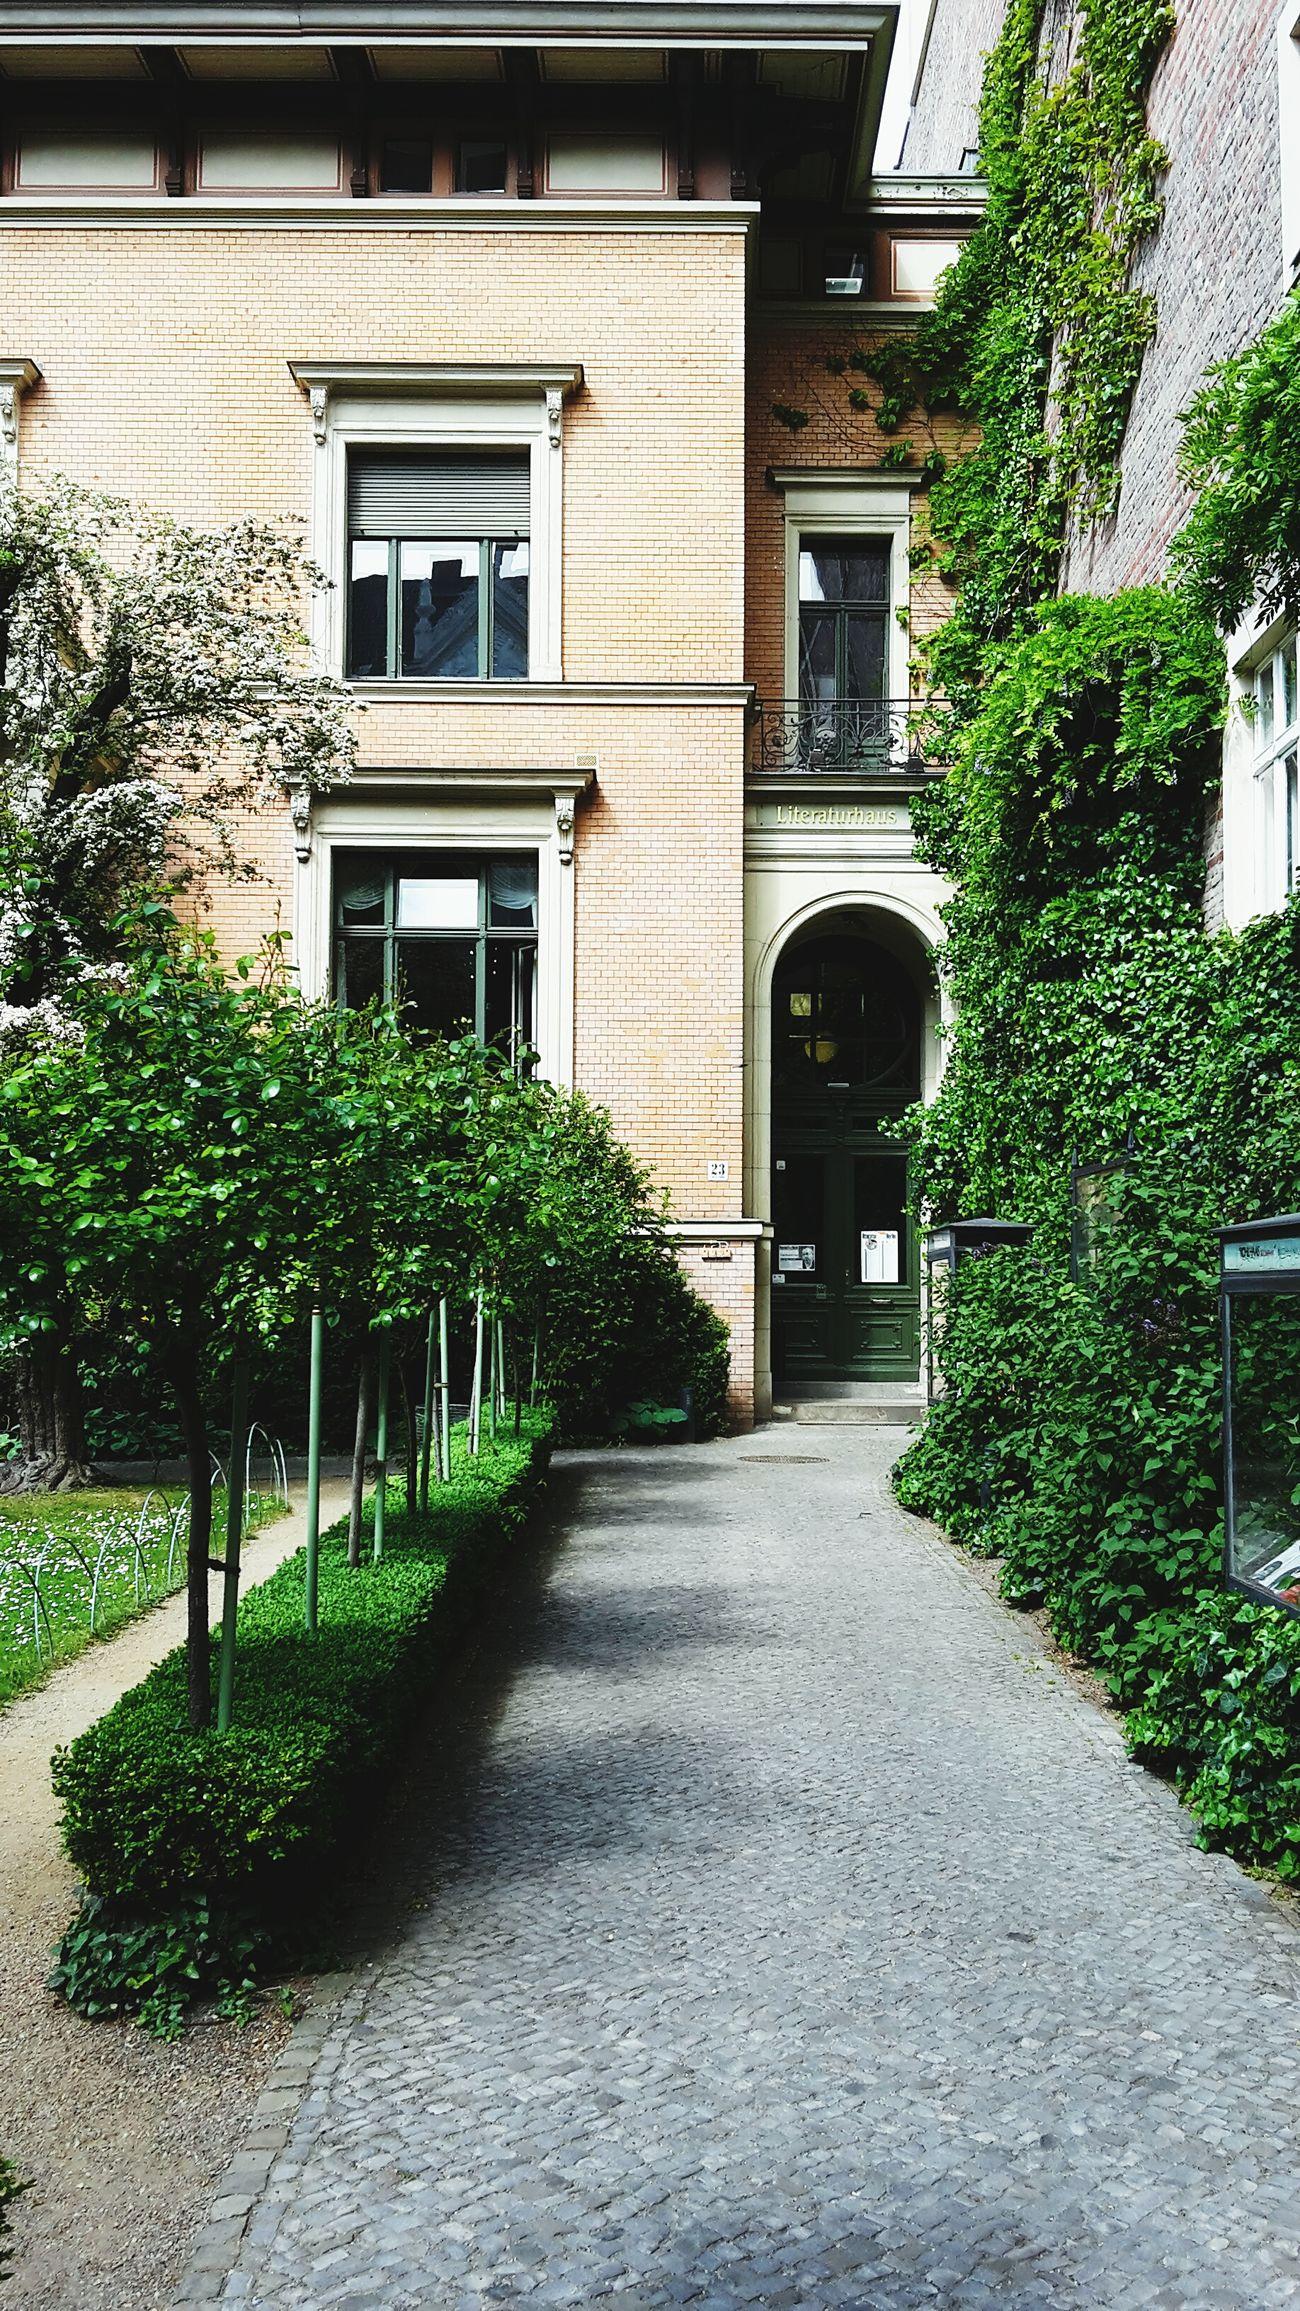 Literaturhaus Berlin Literaturhaus Berlin Gartendenkmal In Berlin Architecture